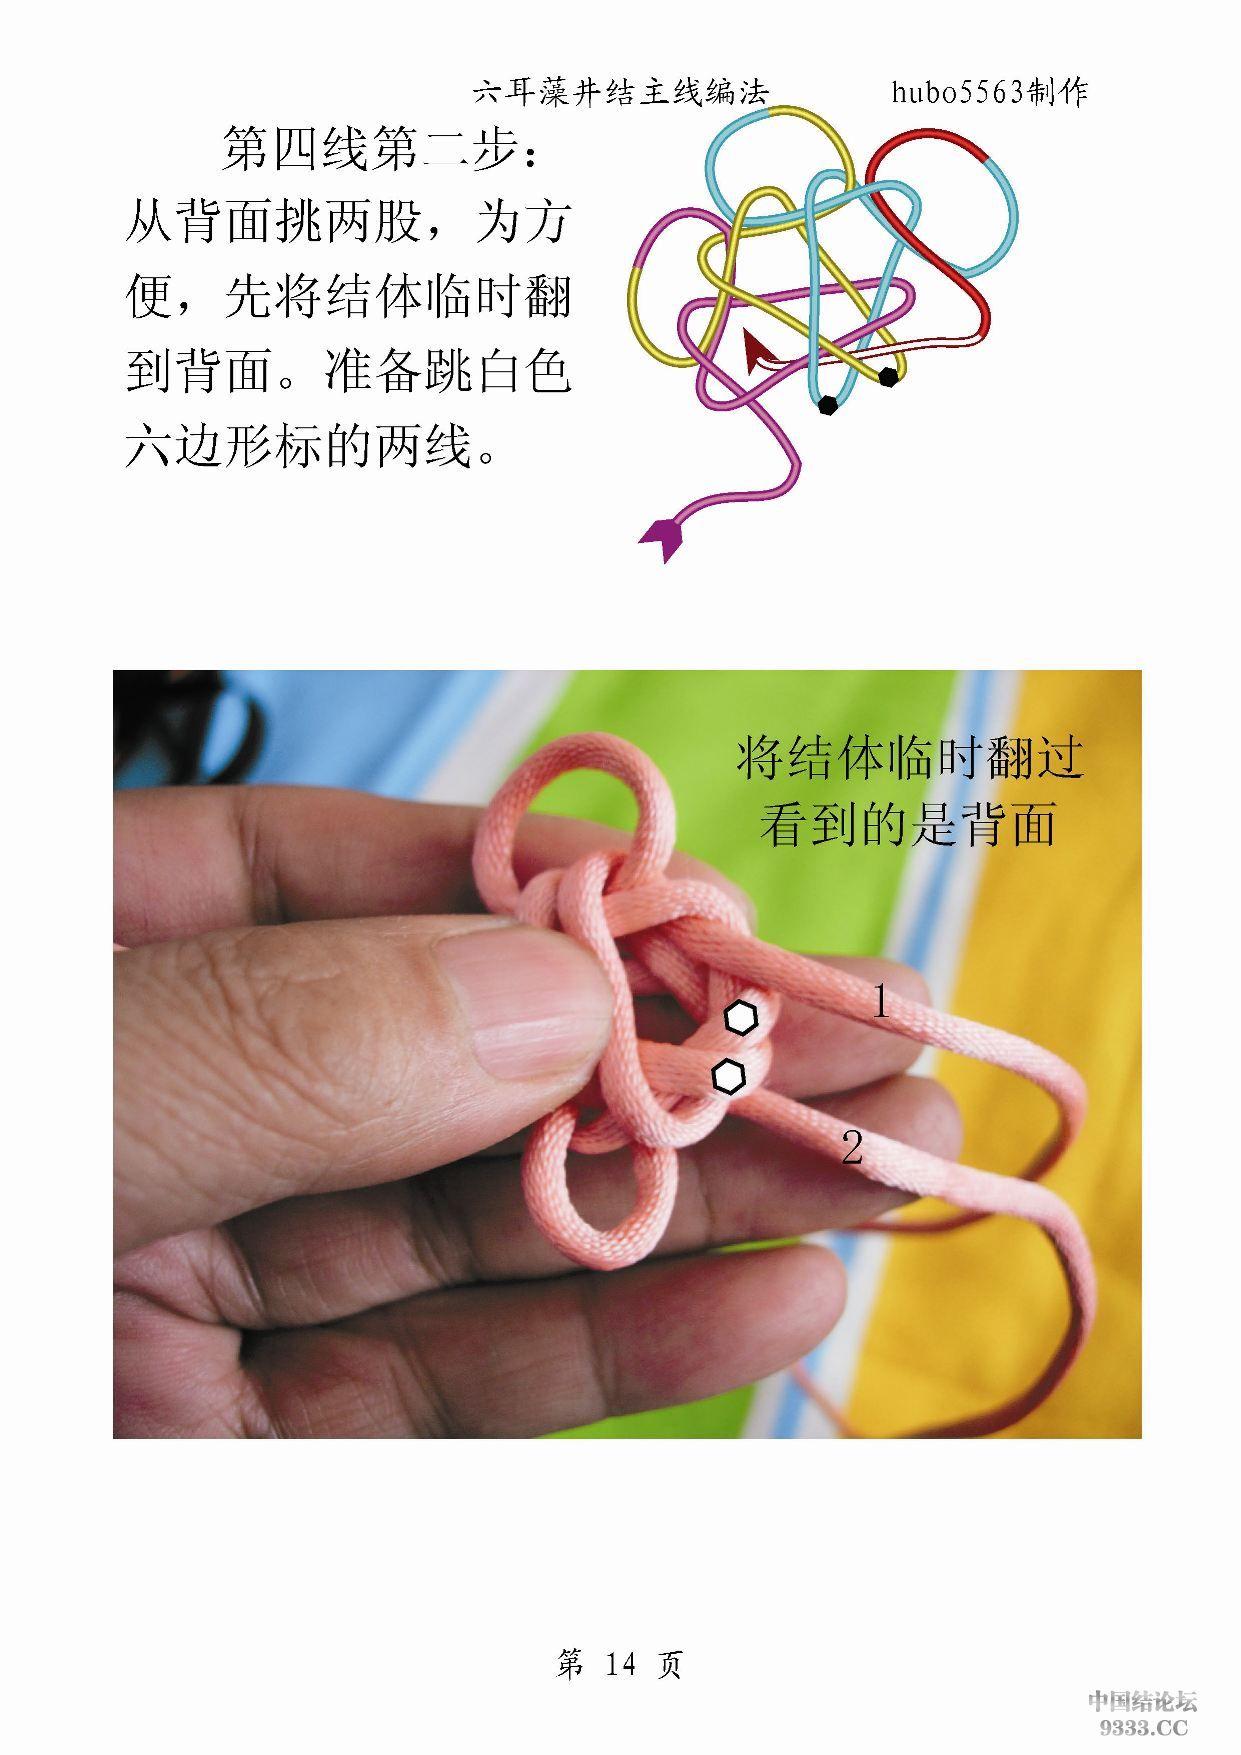 中国结论坛 原创新结---六耳藻井结主线编法徒手教程  基本结-新手入门必看 1002192214876a2956713ab05f